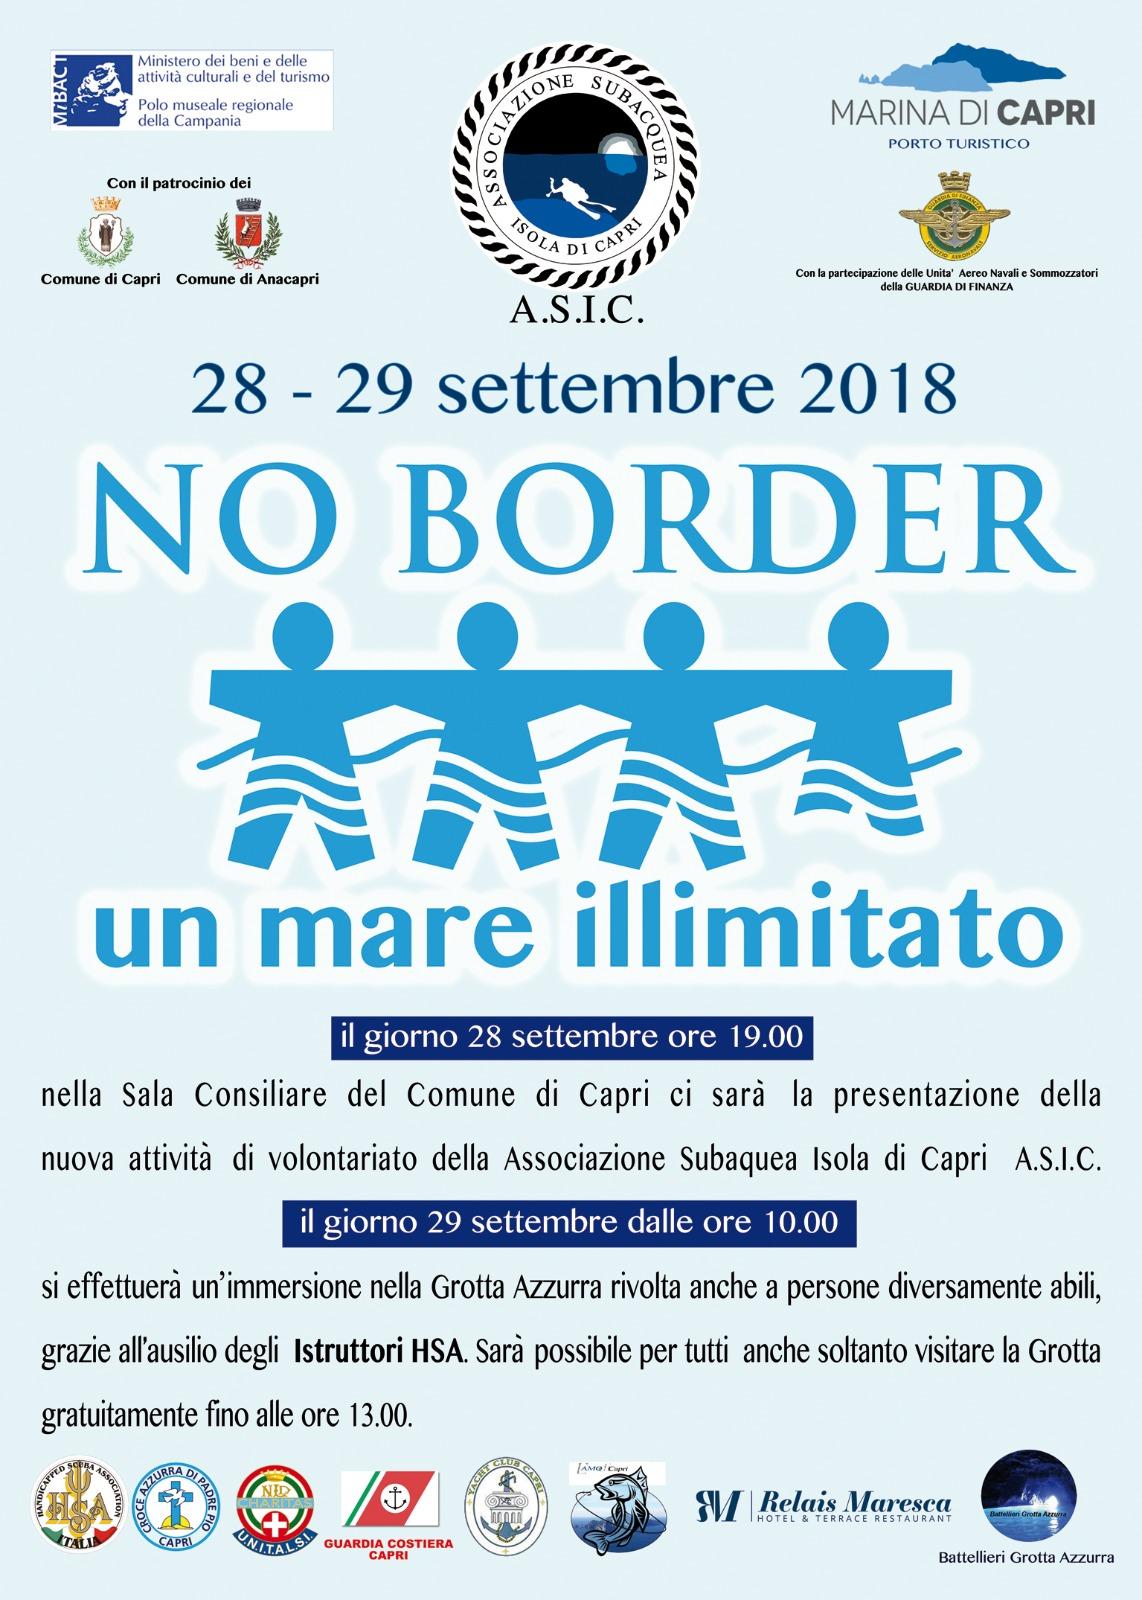 Capri. Presentazione della nuova attività di  volontariato del' Assoc. Subaquea Isola di Capri